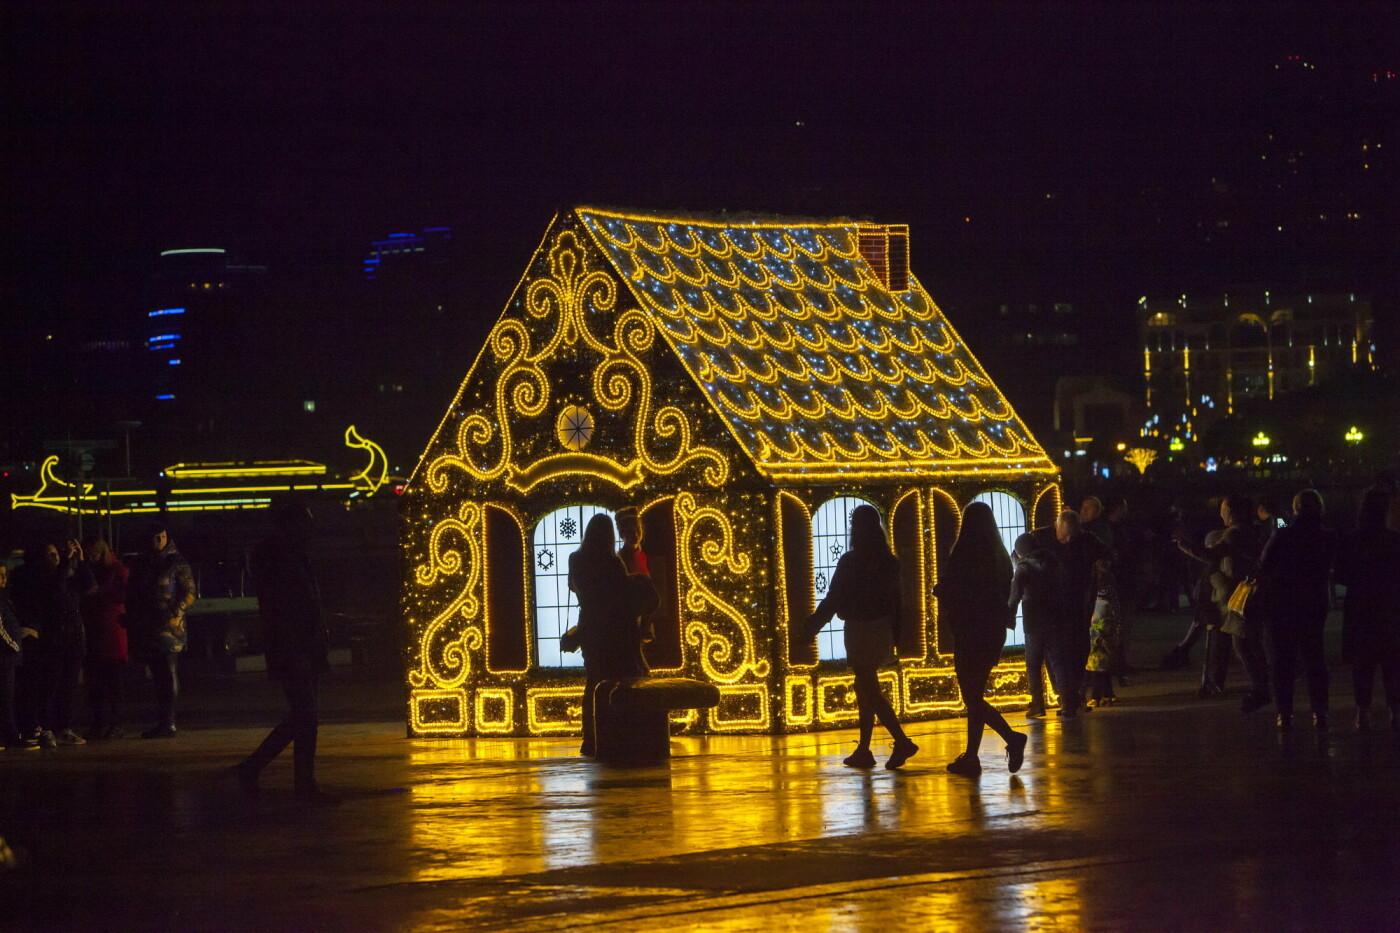 Праздник к нам приходит: в Ялте в новогодние объекты интегрирована технология дополненной реальности, фото-2